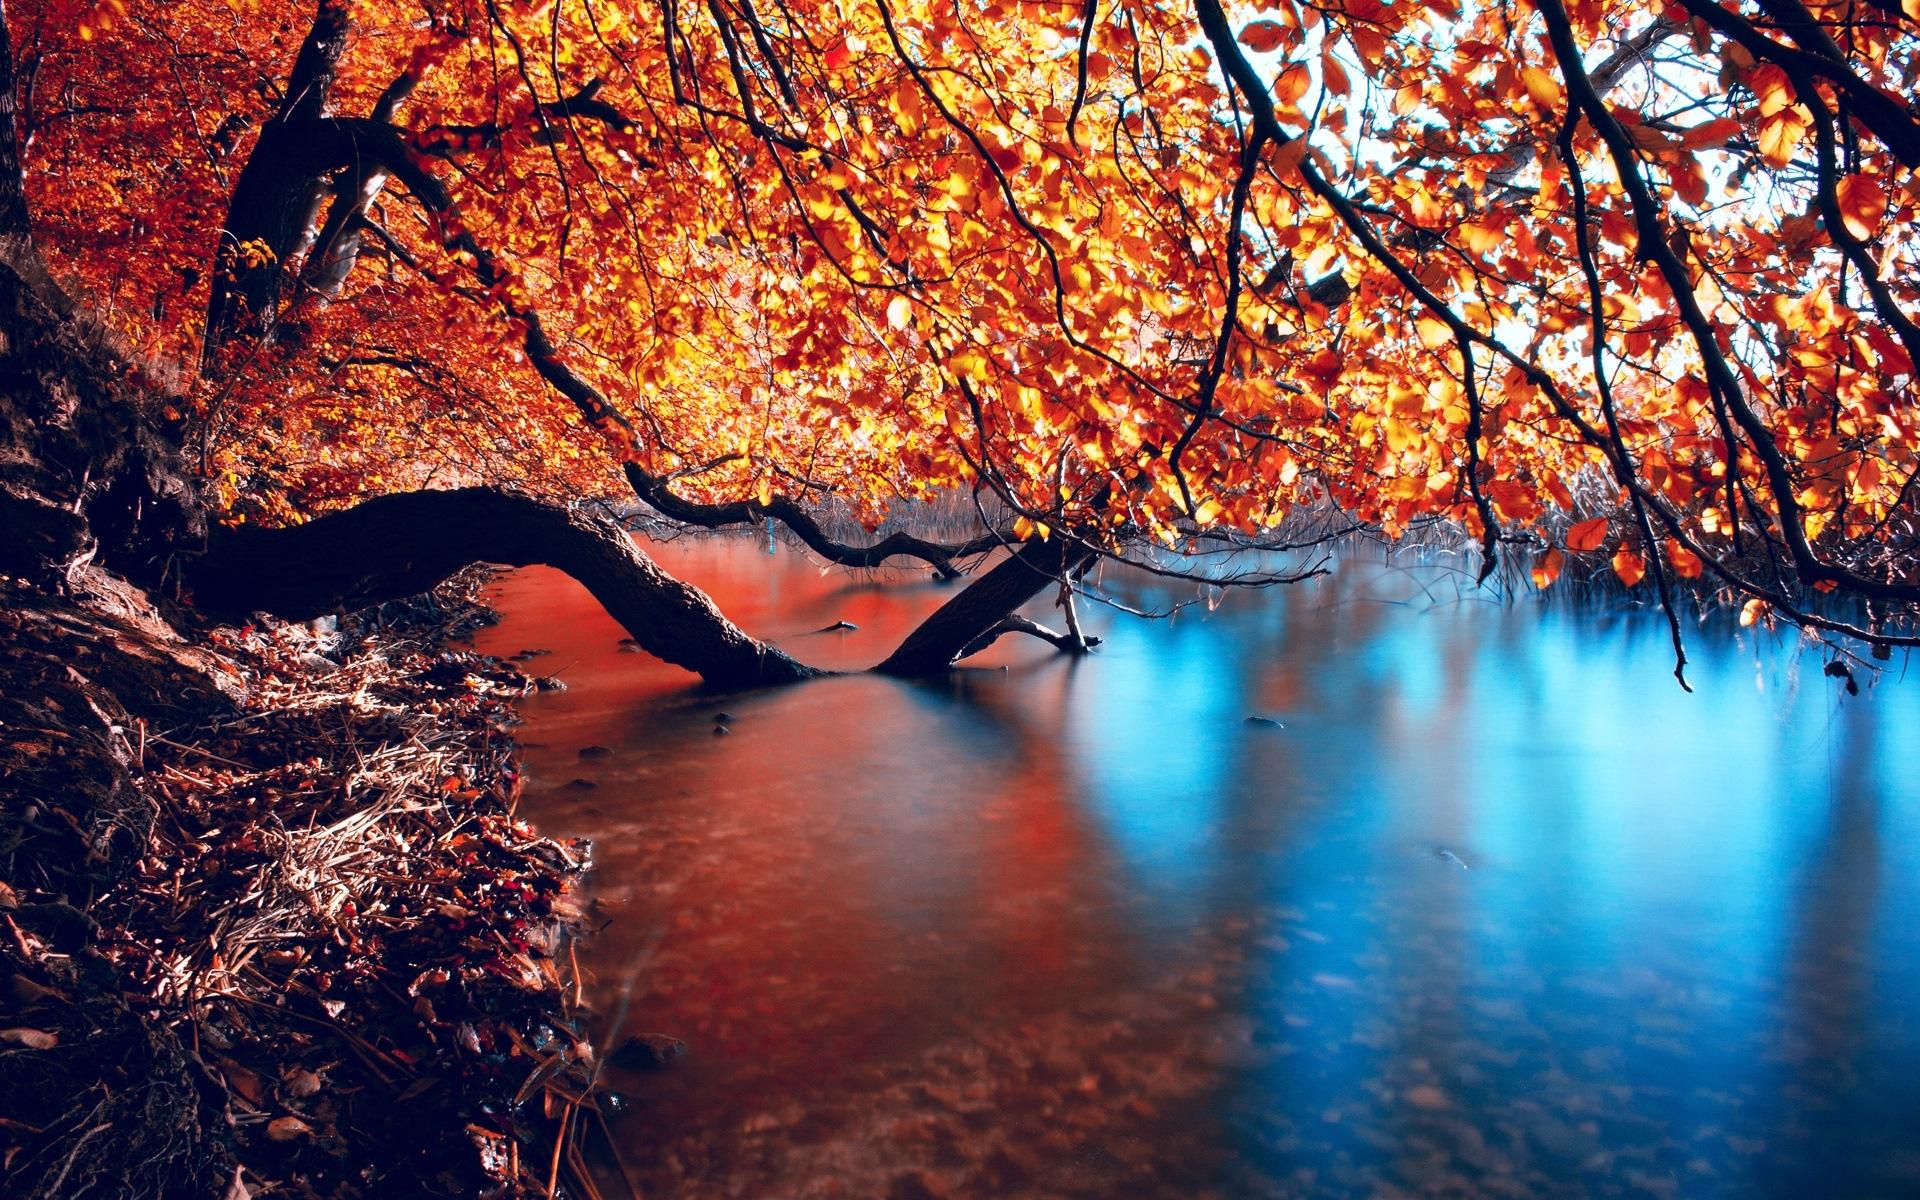 30936 скачать обои Пейзаж, Река, Деревья, Осень - заставки и картинки бесплатно